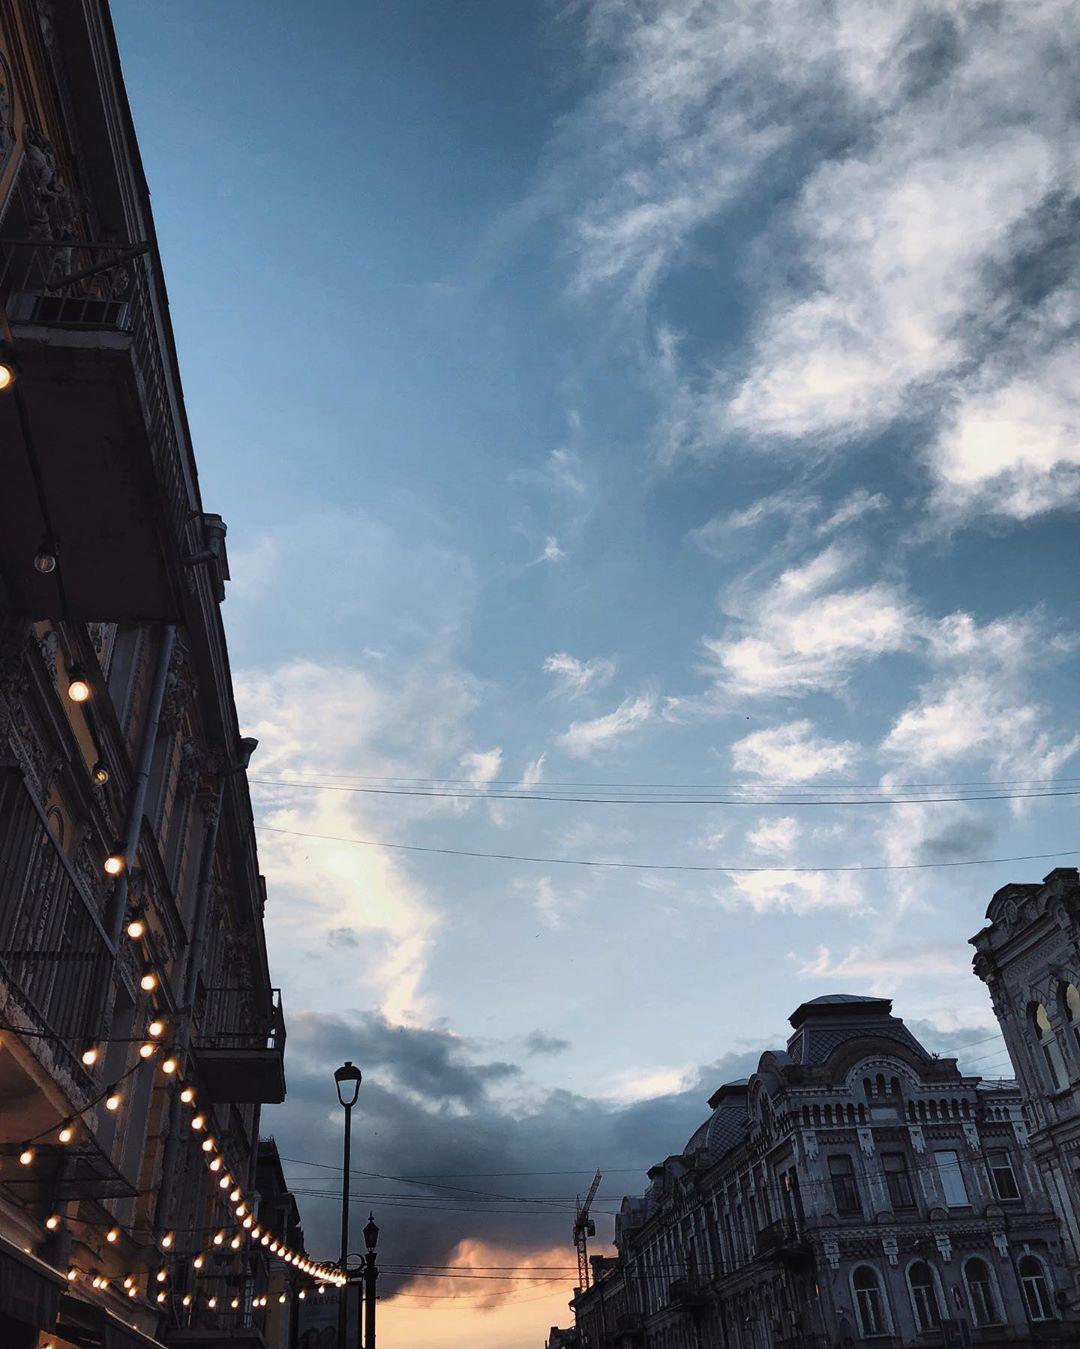 Вторая популярная тема для снимков на уходящей неделе - небо над Киевом и то, каким зловеще-чарующим оно оказалось. Фото: @anastasiazi